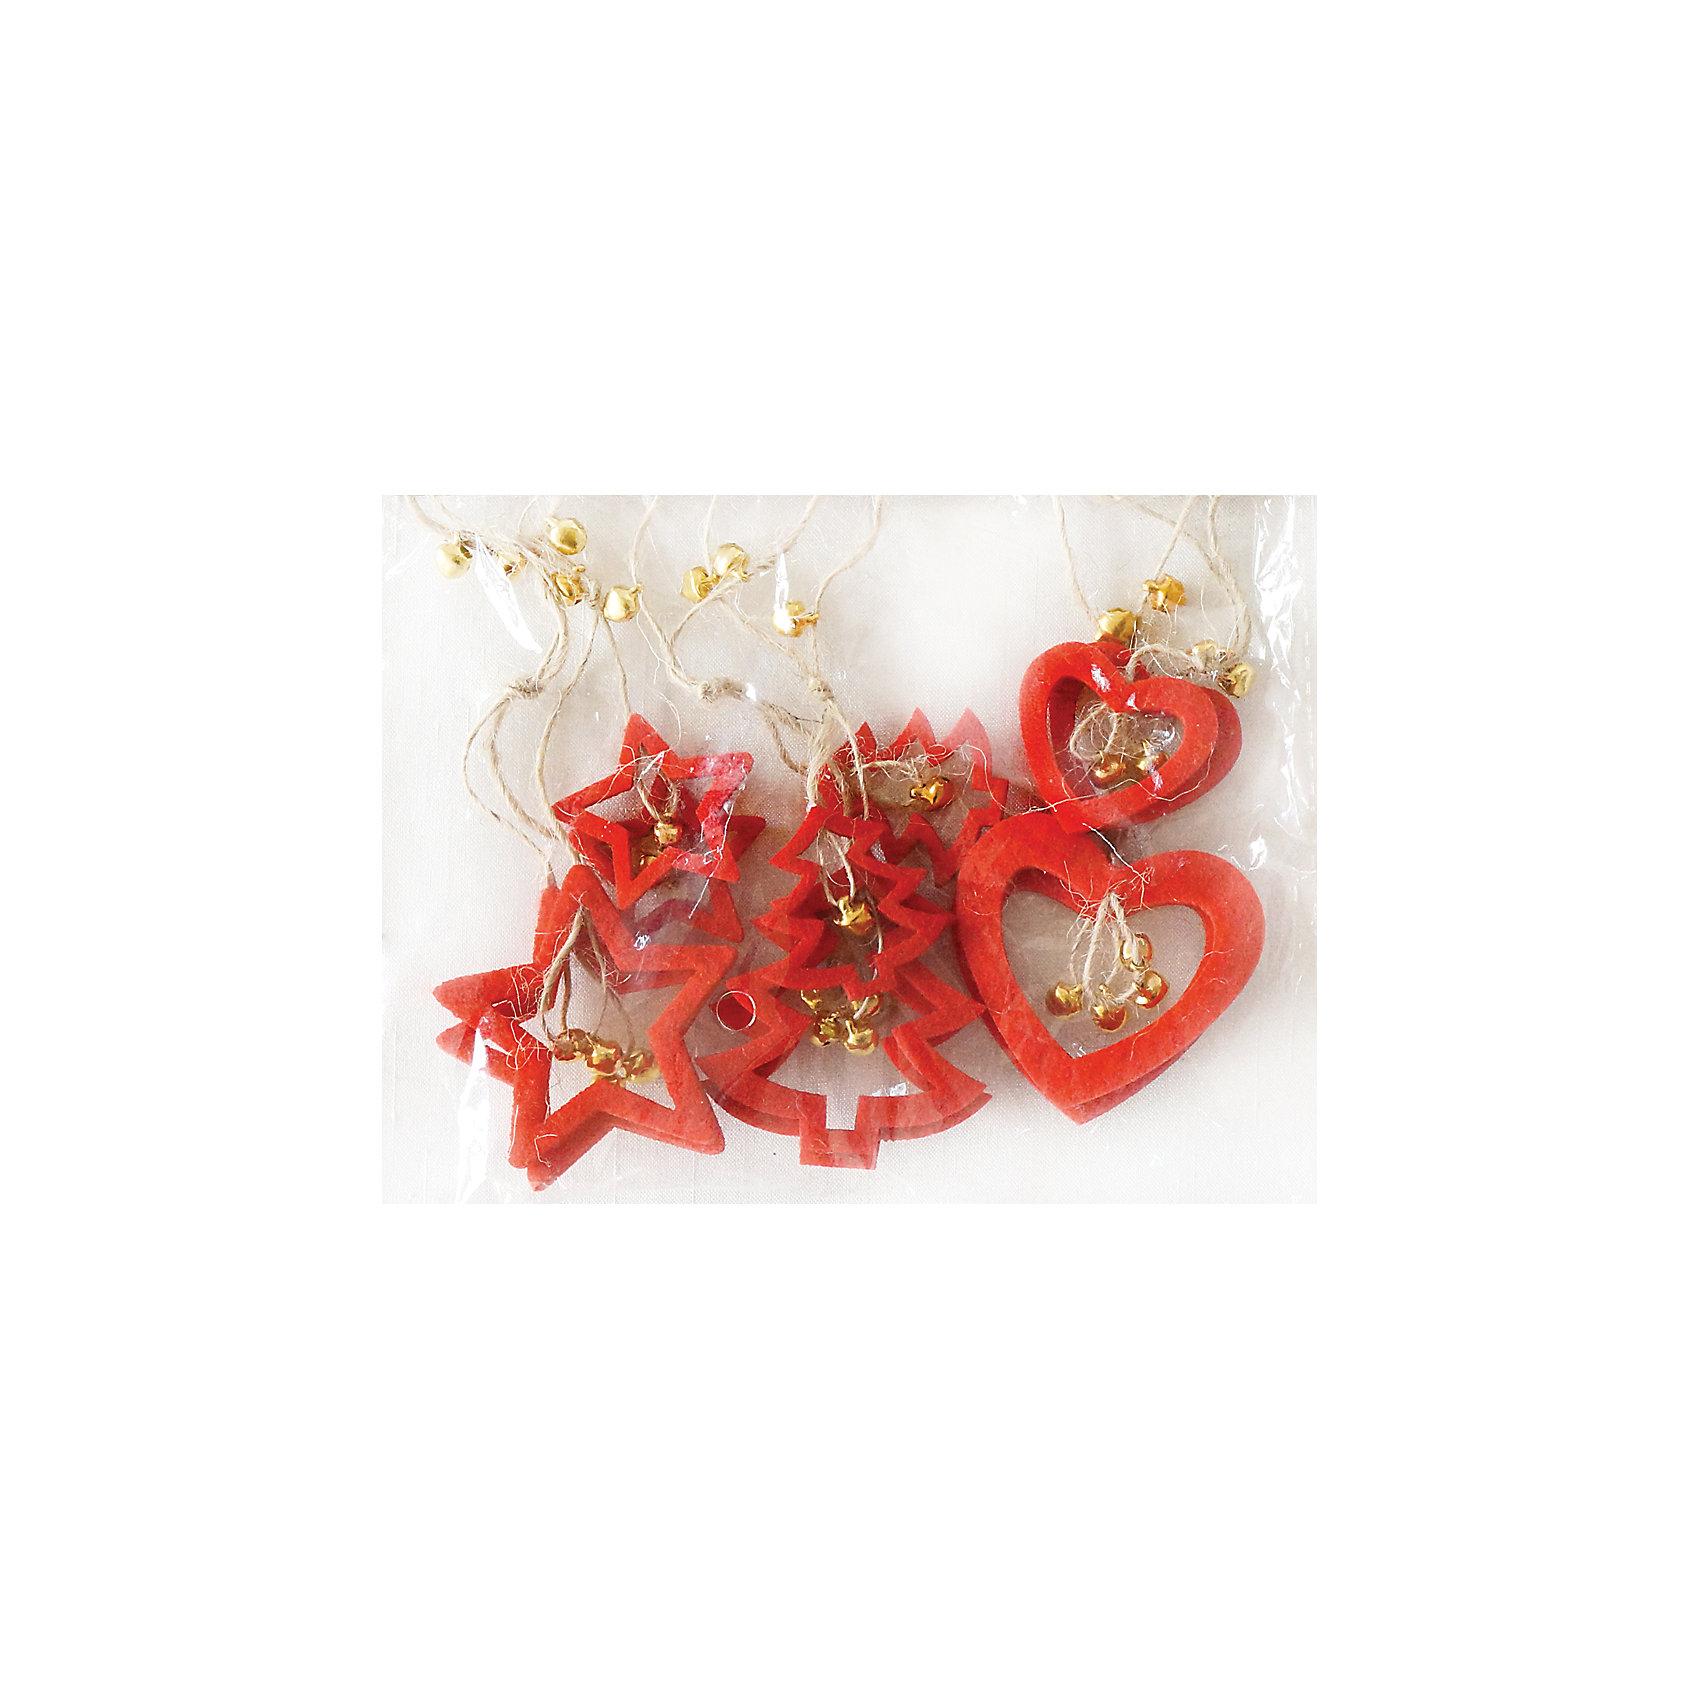 Набор подвесок 9 см, 6 шт, красныеВсё для праздника<br>Набор подвесок  красного цвета украсит ваш интерьер и придаст ему новогоднее настроение.Размер подвески9 см.В наборе 6 шт<br><br>Ширина мм: 160<br>Глубина мм: 165<br>Высота мм: 20<br>Вес г: 11<br>Возраст от месяцев: 36<br>Возраст до месяцев: 420<br>Пол: Унисекс<br>Возраст: Детский<br>SKU: 5078439